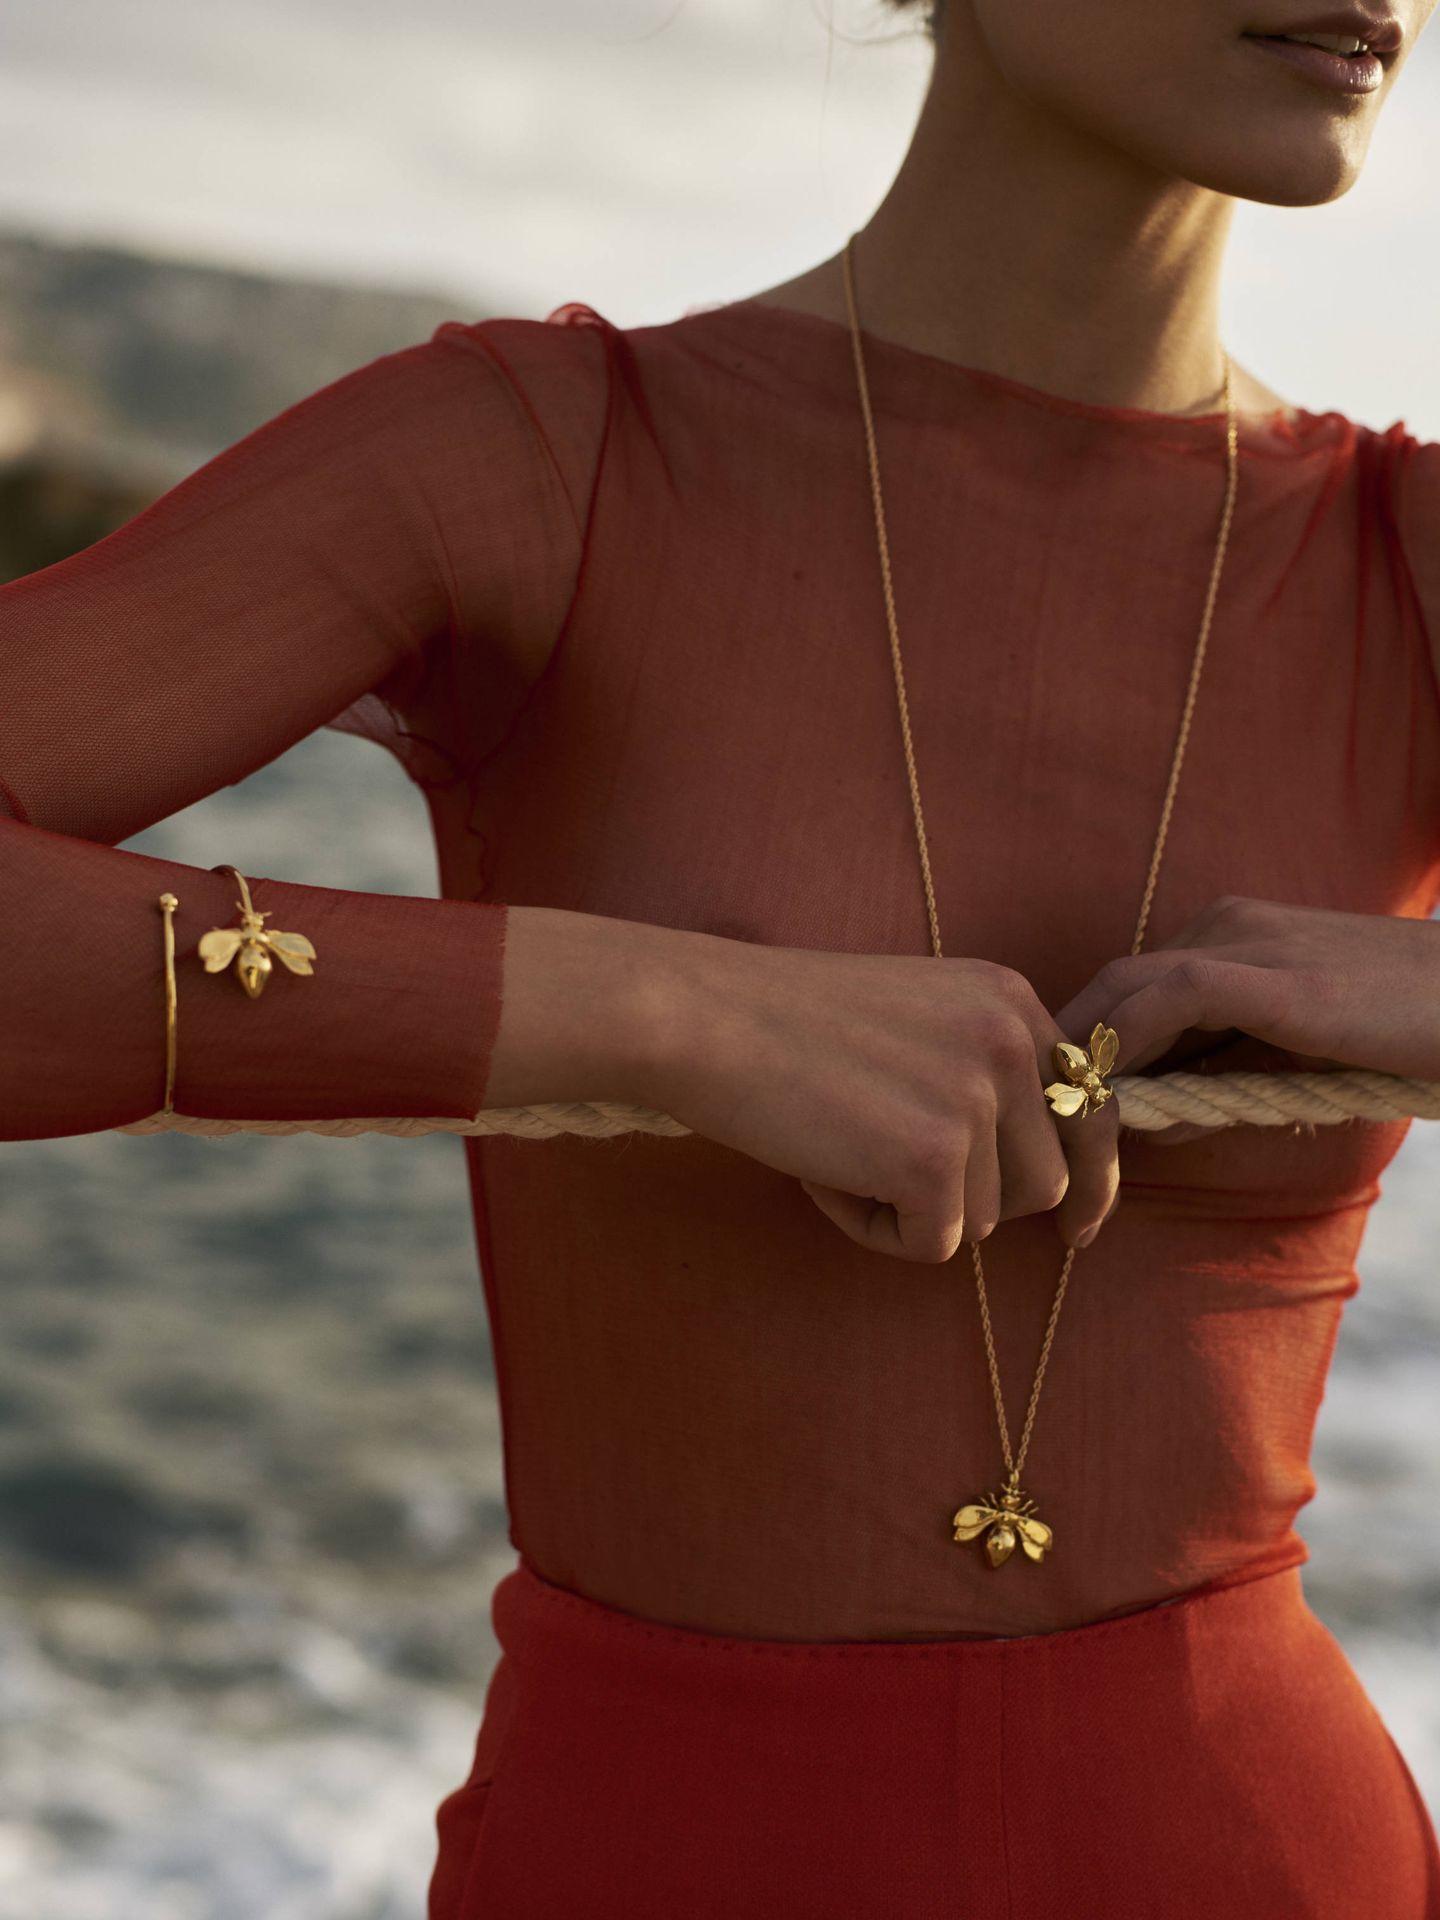 Pendientes, anillos y brazaletes XL. Así son las joyas de Helena Nicolau. (Cortesía)